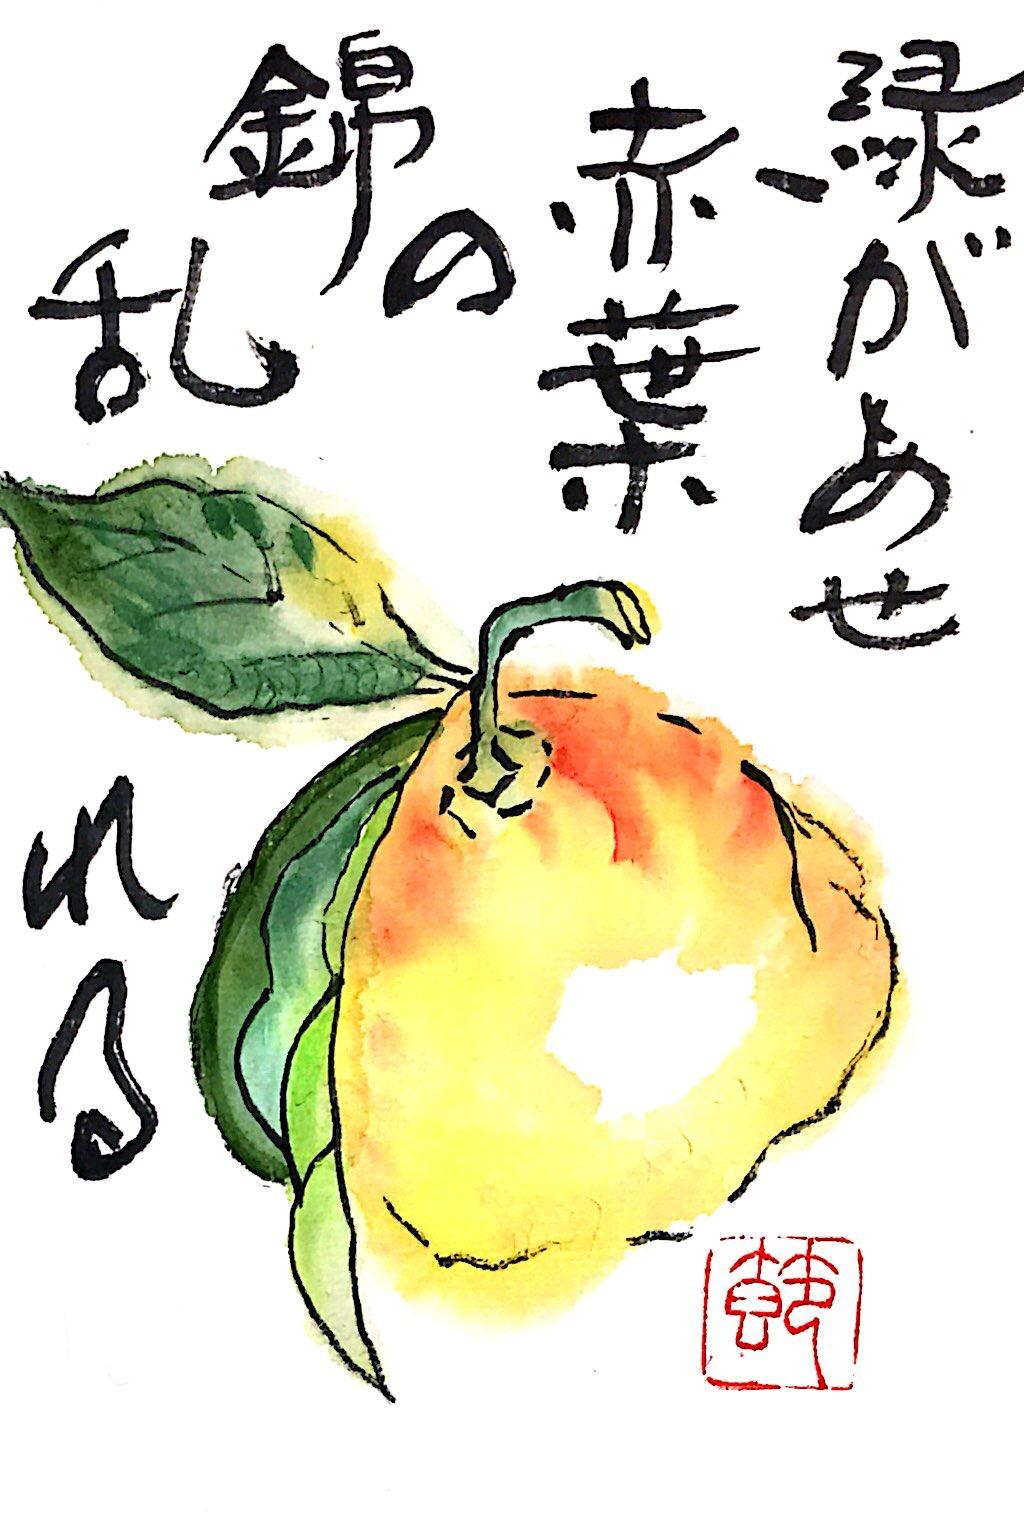 緑があせ 赤葉の錦乱れる 〜柚子〜